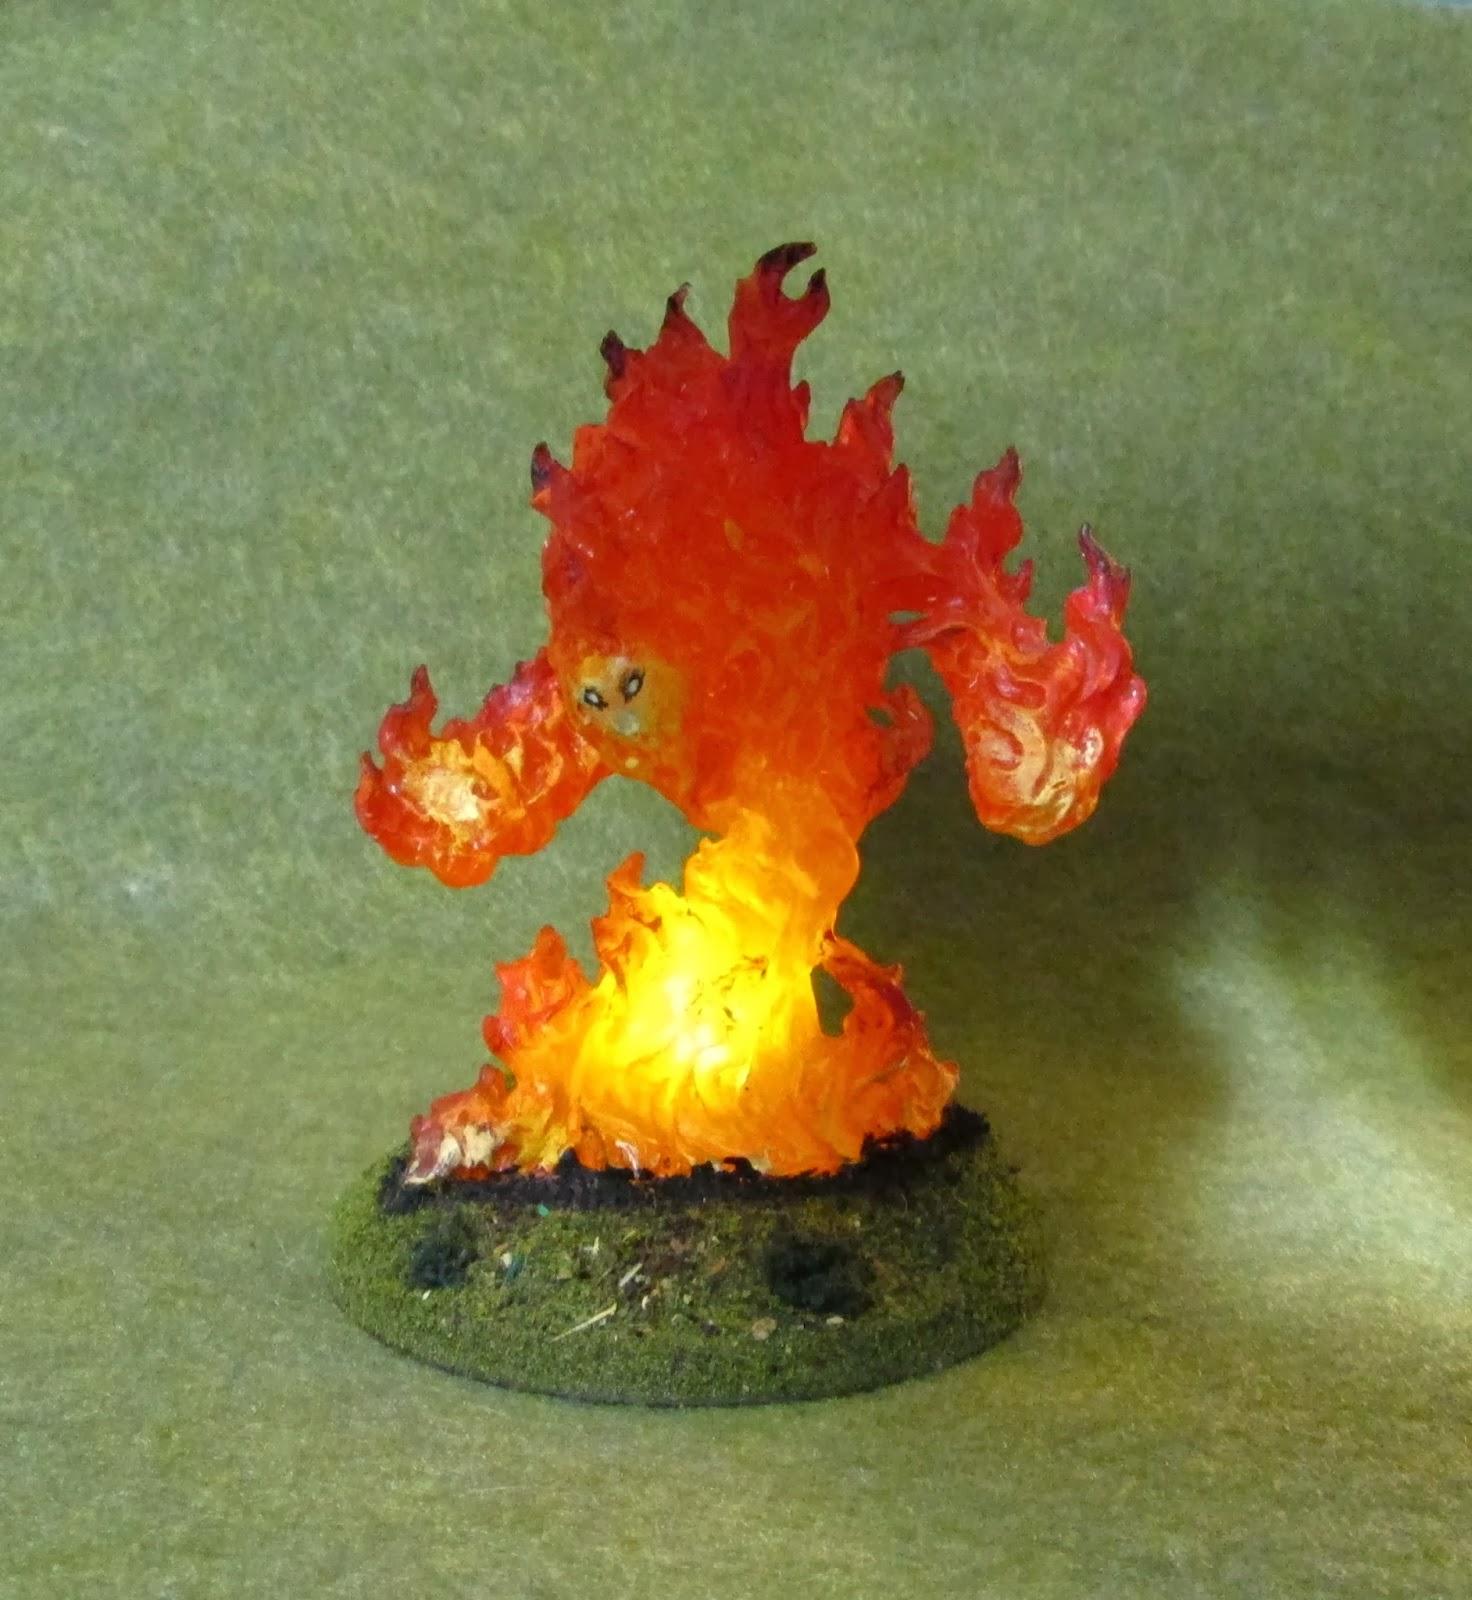 reaper fire elemental - HD1472×1600